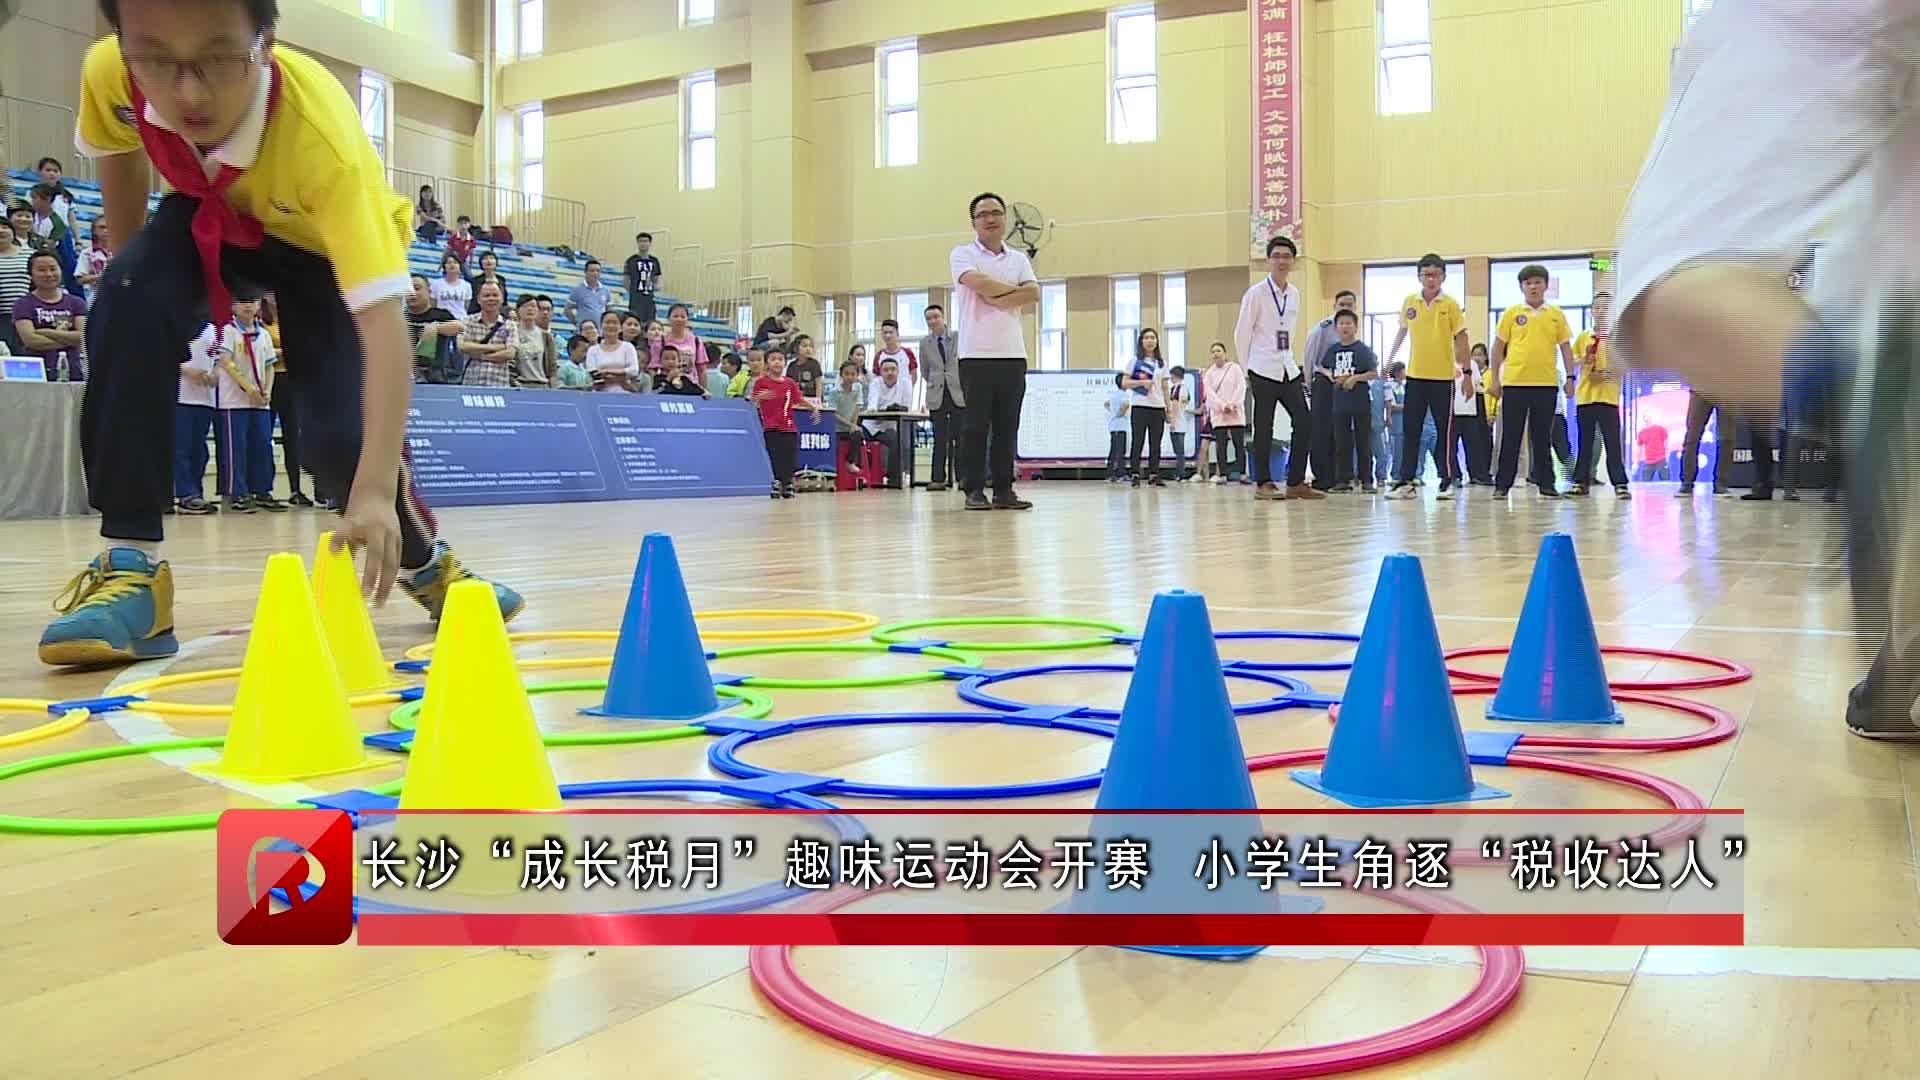 """长沙""""成长税月""""趣味运动会开赛 小学生角逐""""税收达人"""""""